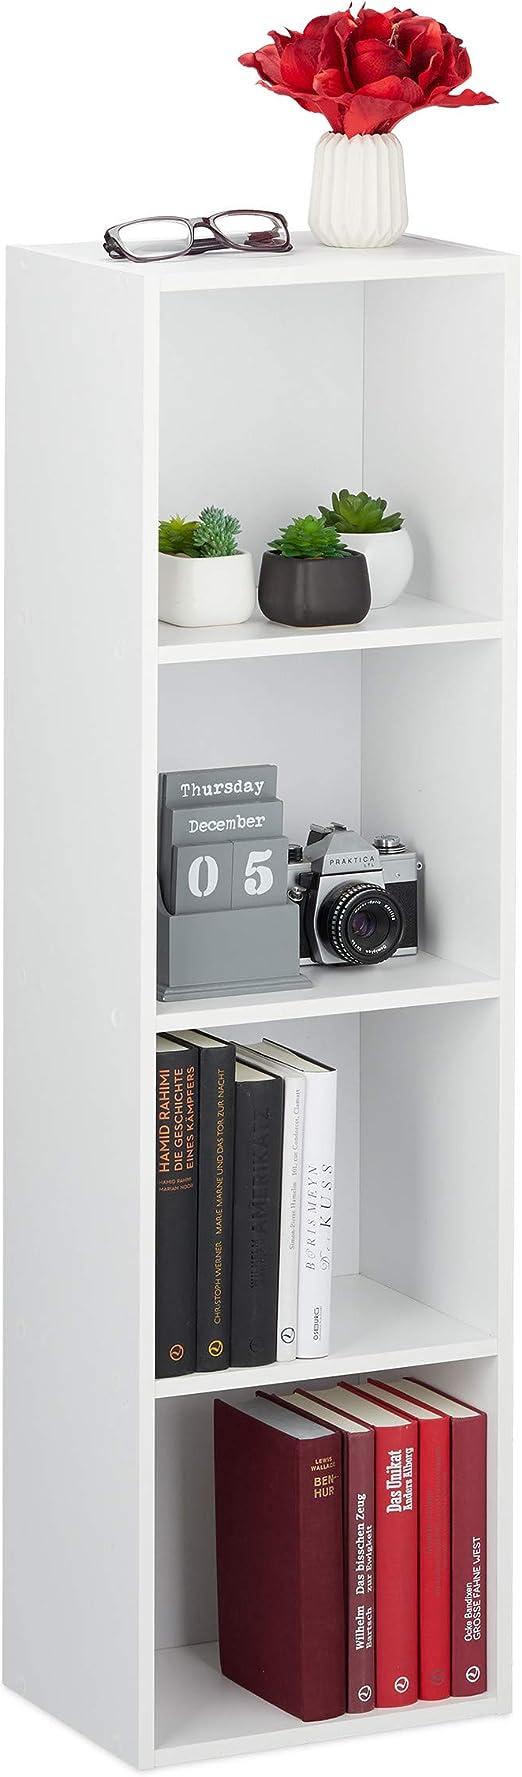 Relaxdays Librería, Cuatro estantes, Mueble Auxiliar, Estrecha, Moderna, Aglomerado, 106 x 30 x 23 cm, 1 Ud., Blanco